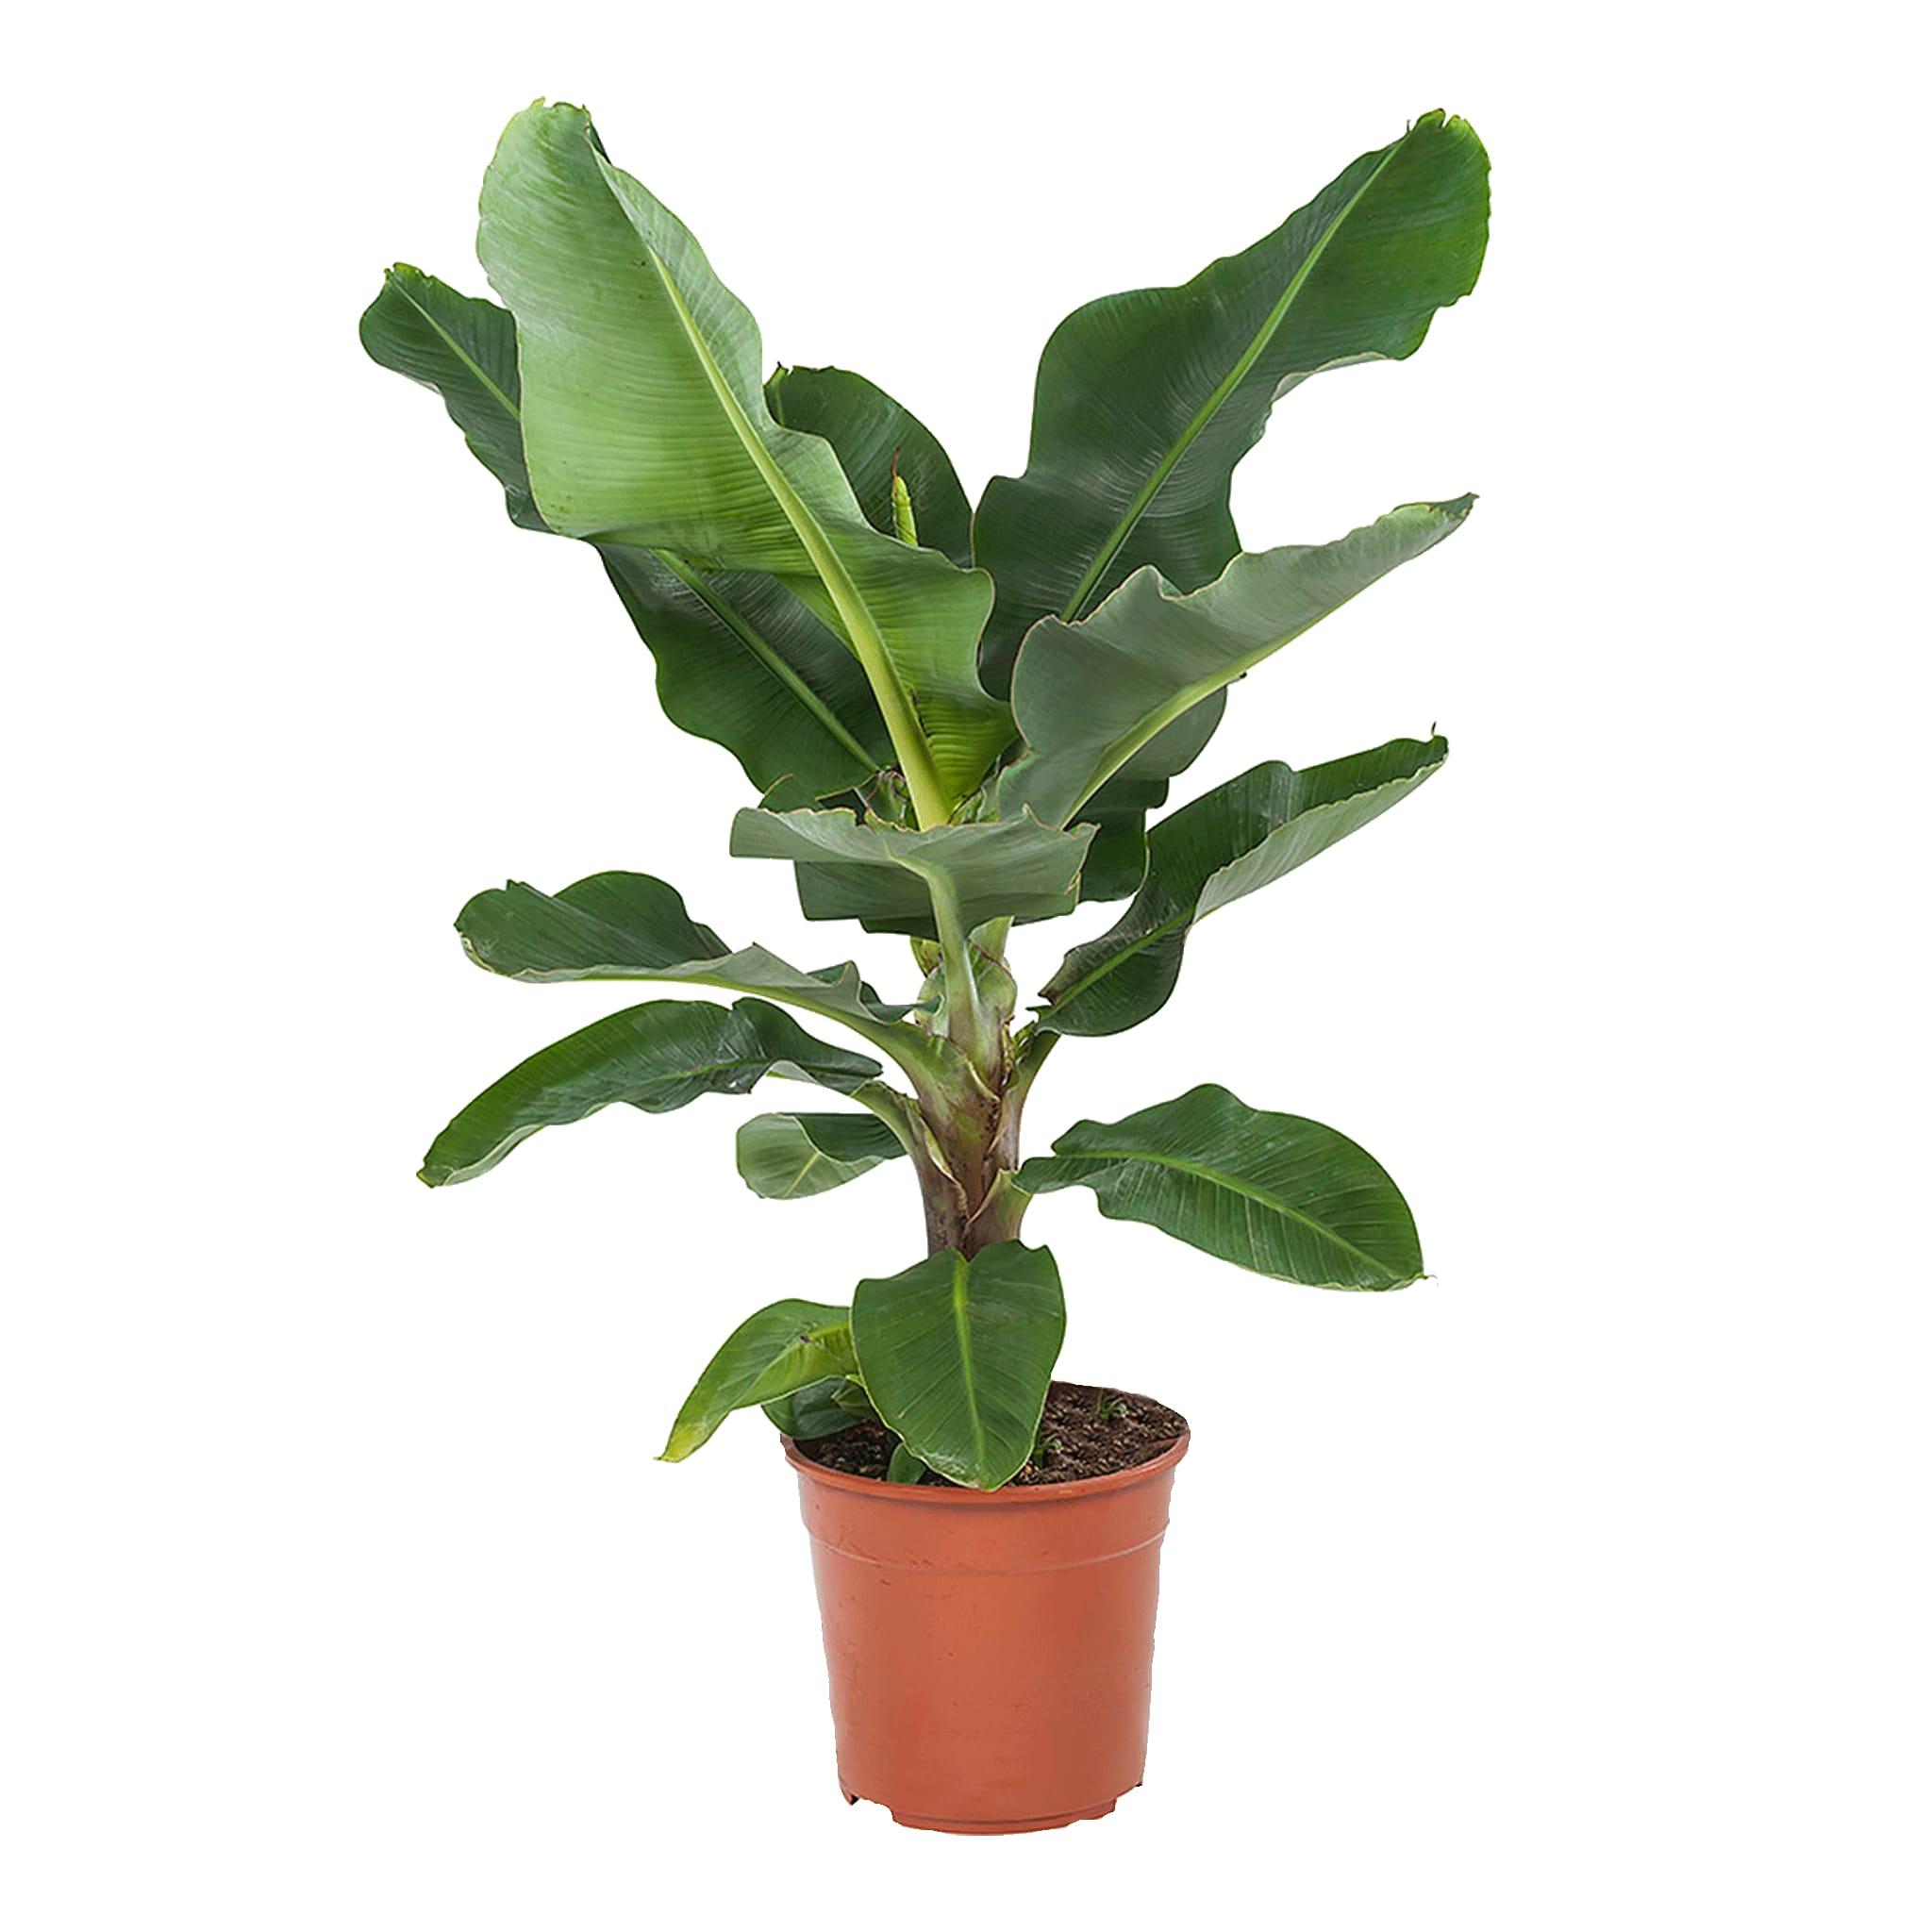 Plante d'intérieur - Bananier de 80 cm